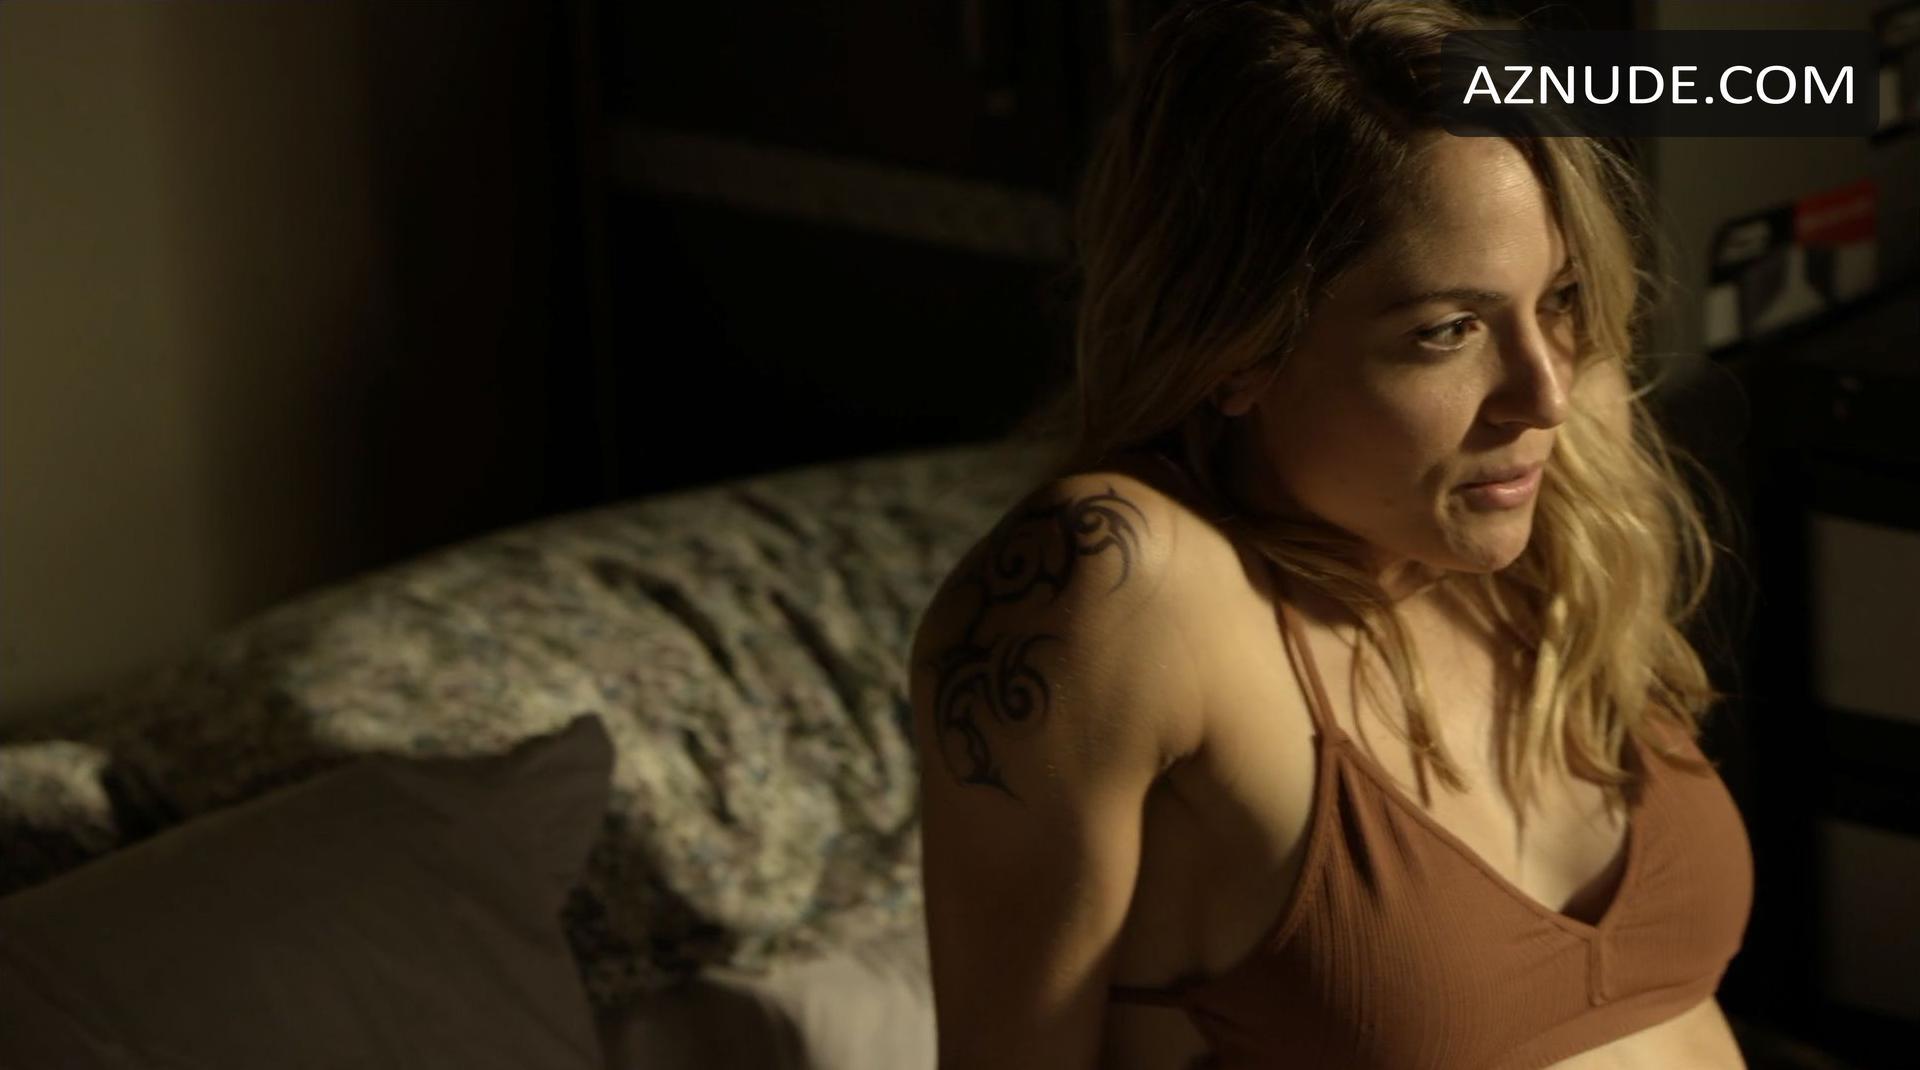 Brooke nevin nude scene site